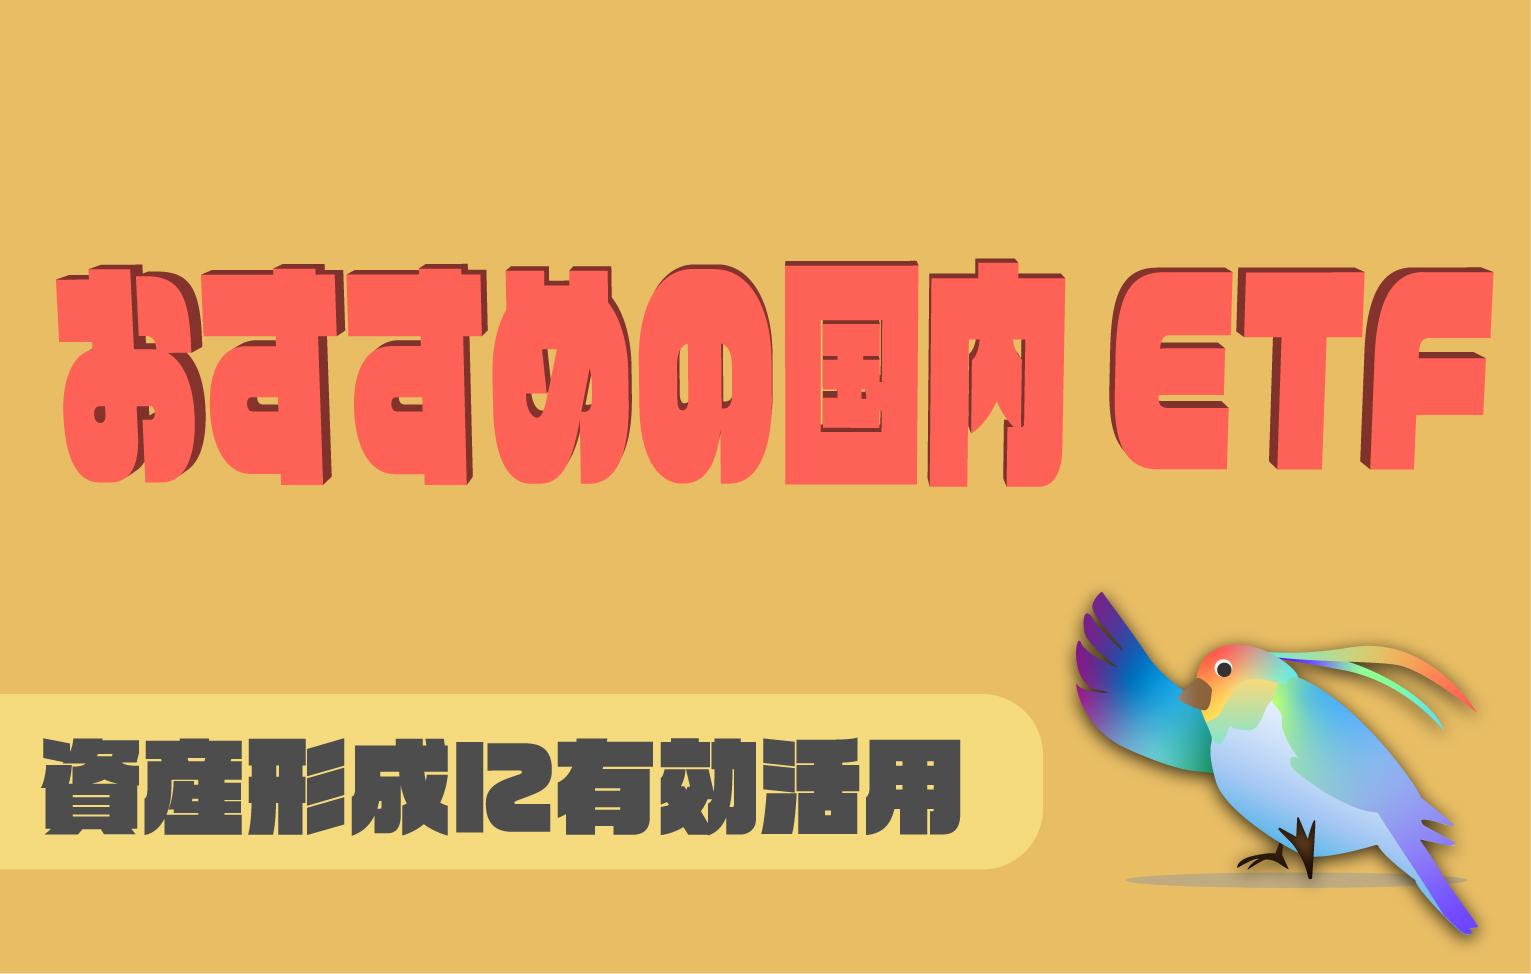 おすすめの国内ETF(上場投資信託)を紹介します【投資の手間を減らす】